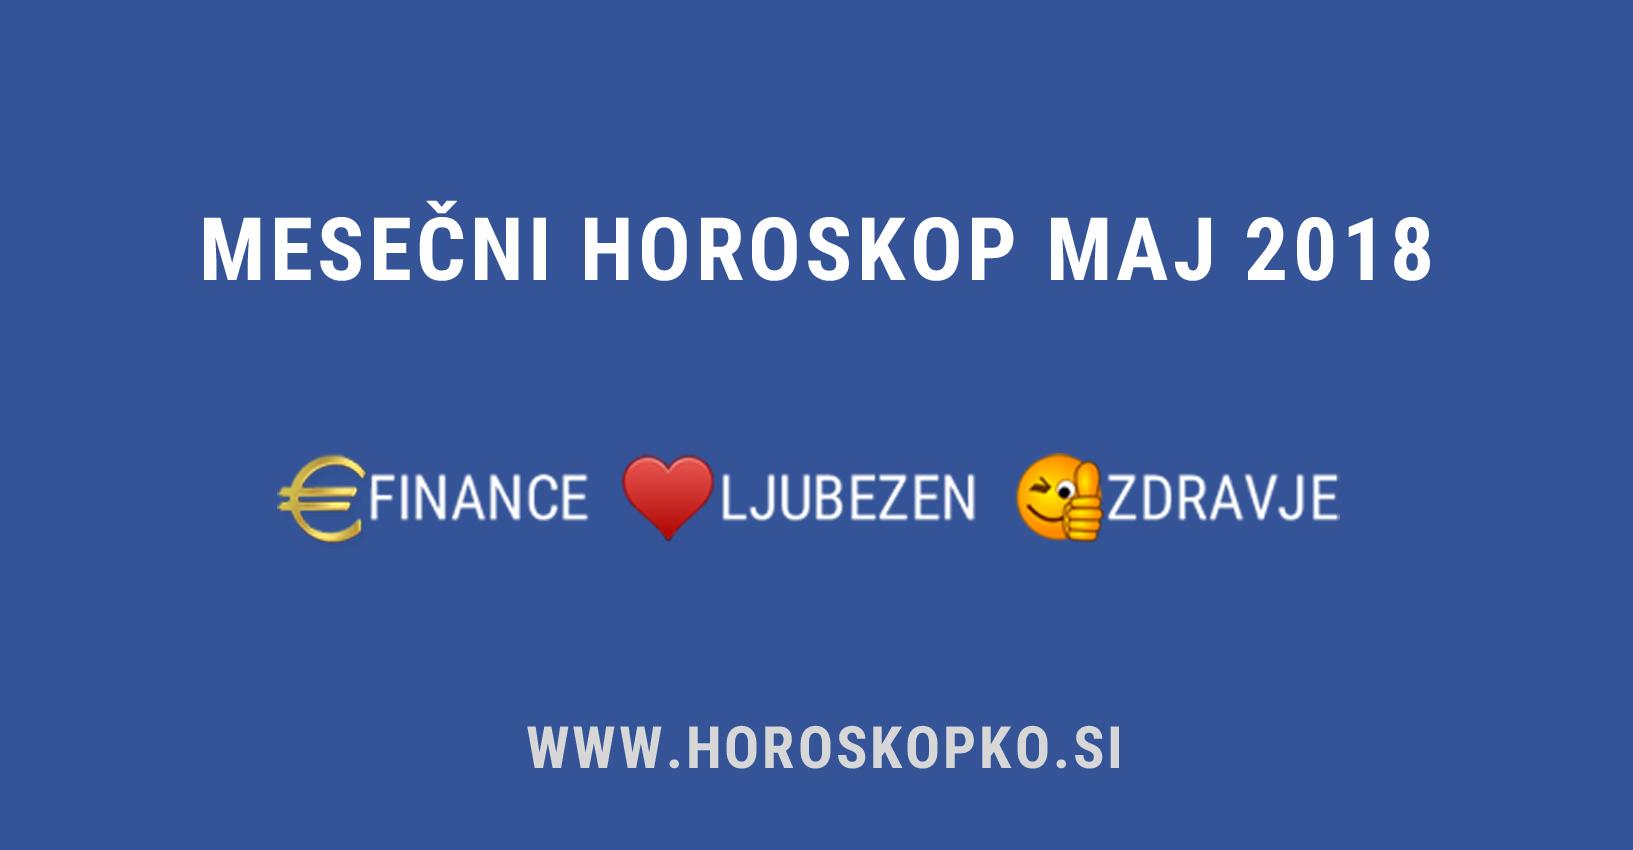 horoskop maj 2018